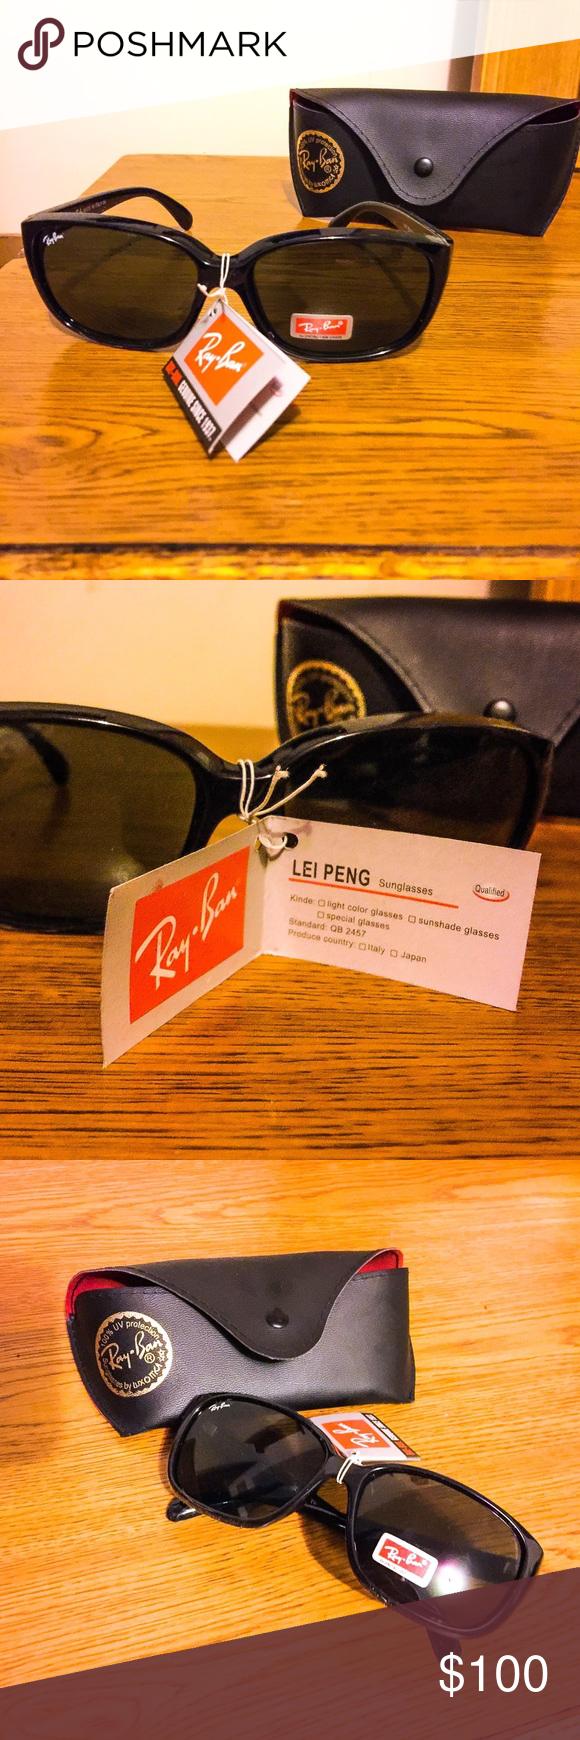 7edda859cf ☀️NWT! Ray Ban Lei Peng Sunglasses!☀ Brand new designer Ray Ban ...